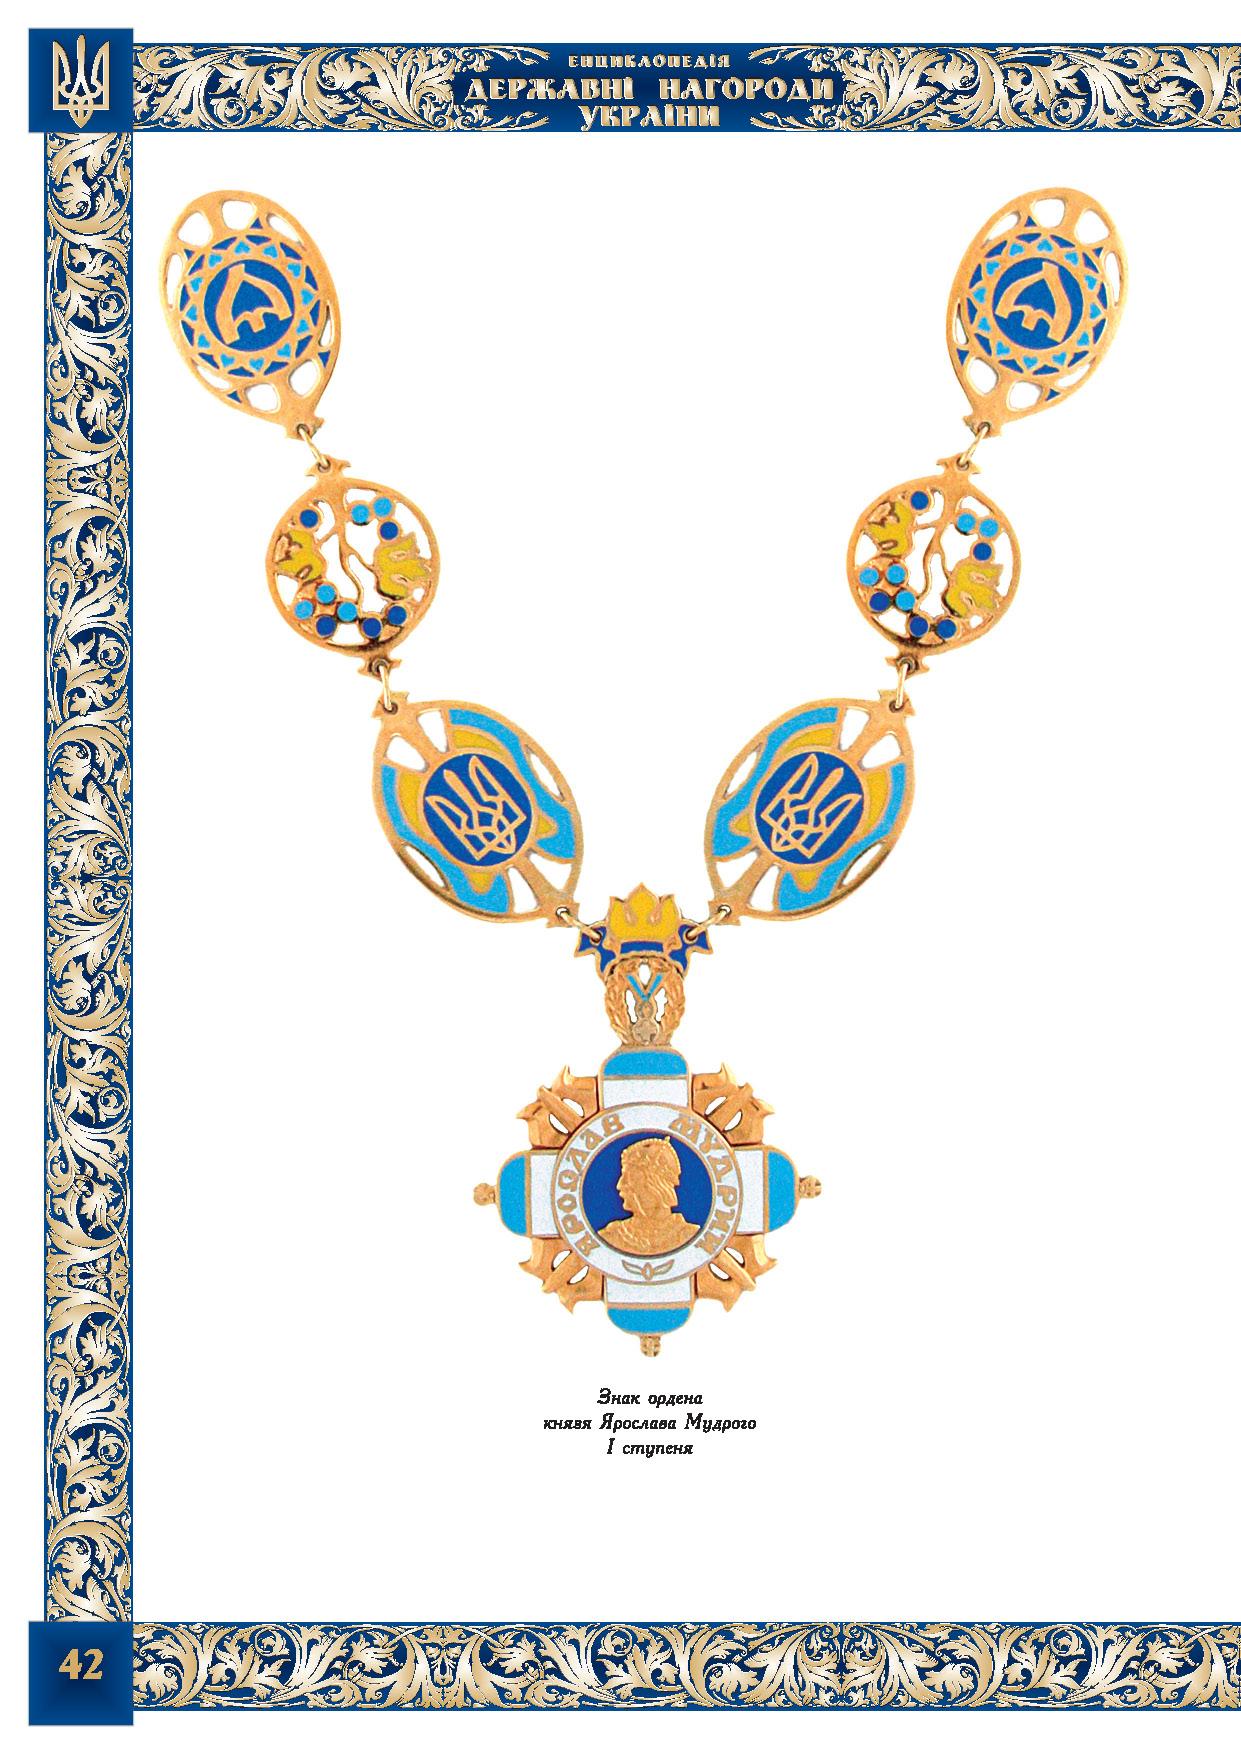 Знак ордена князя Ярослава Мудрого І ступеня